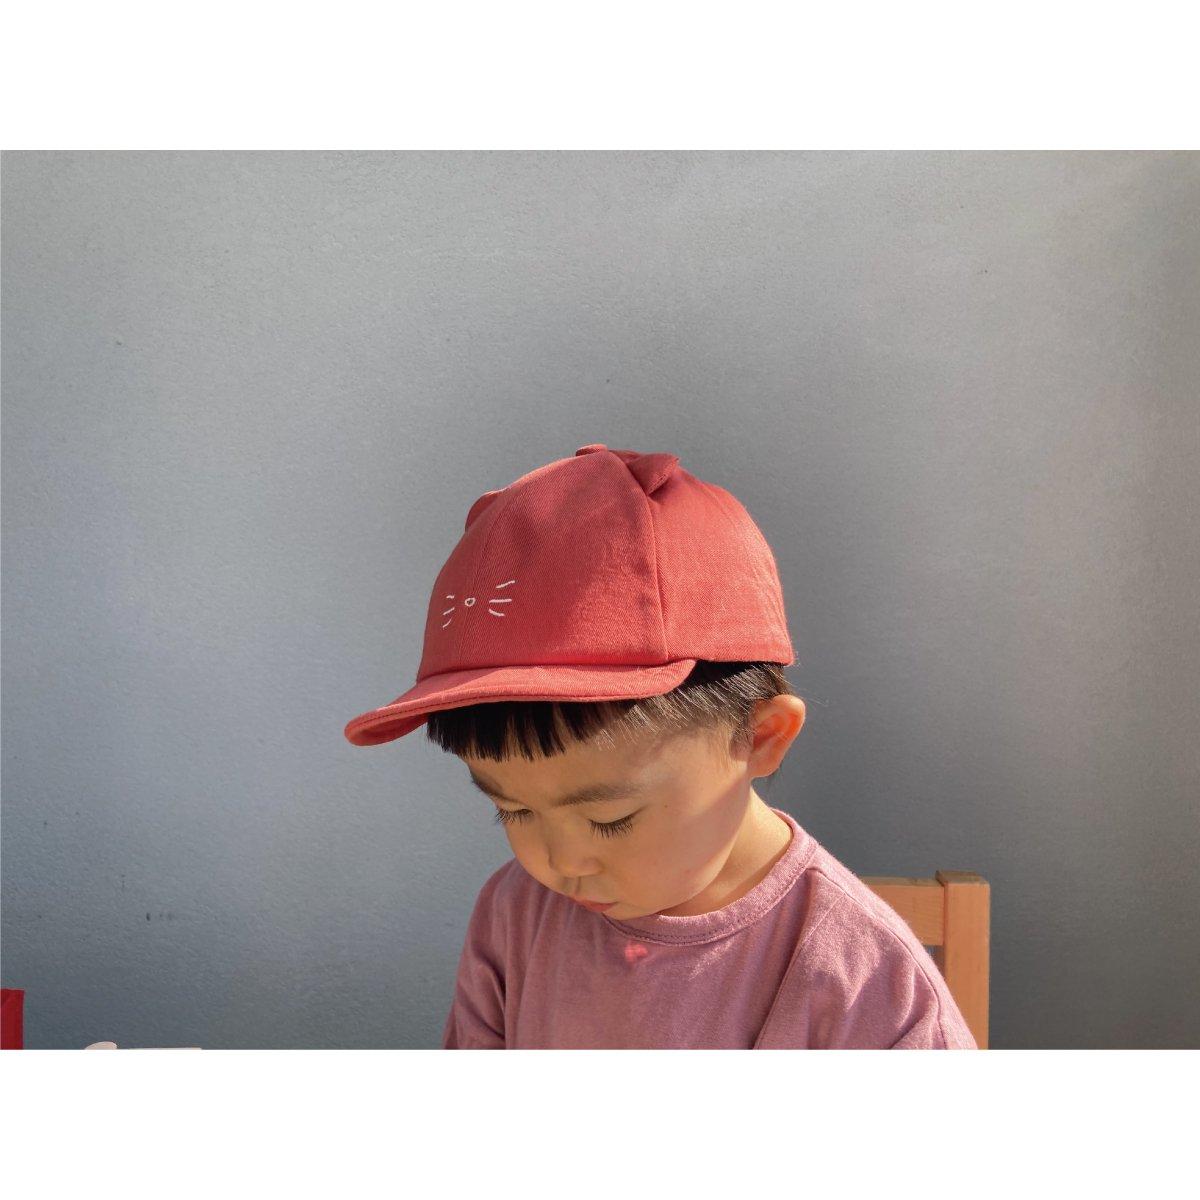 【KIDS】Cat Ear Cap 詳細画像25